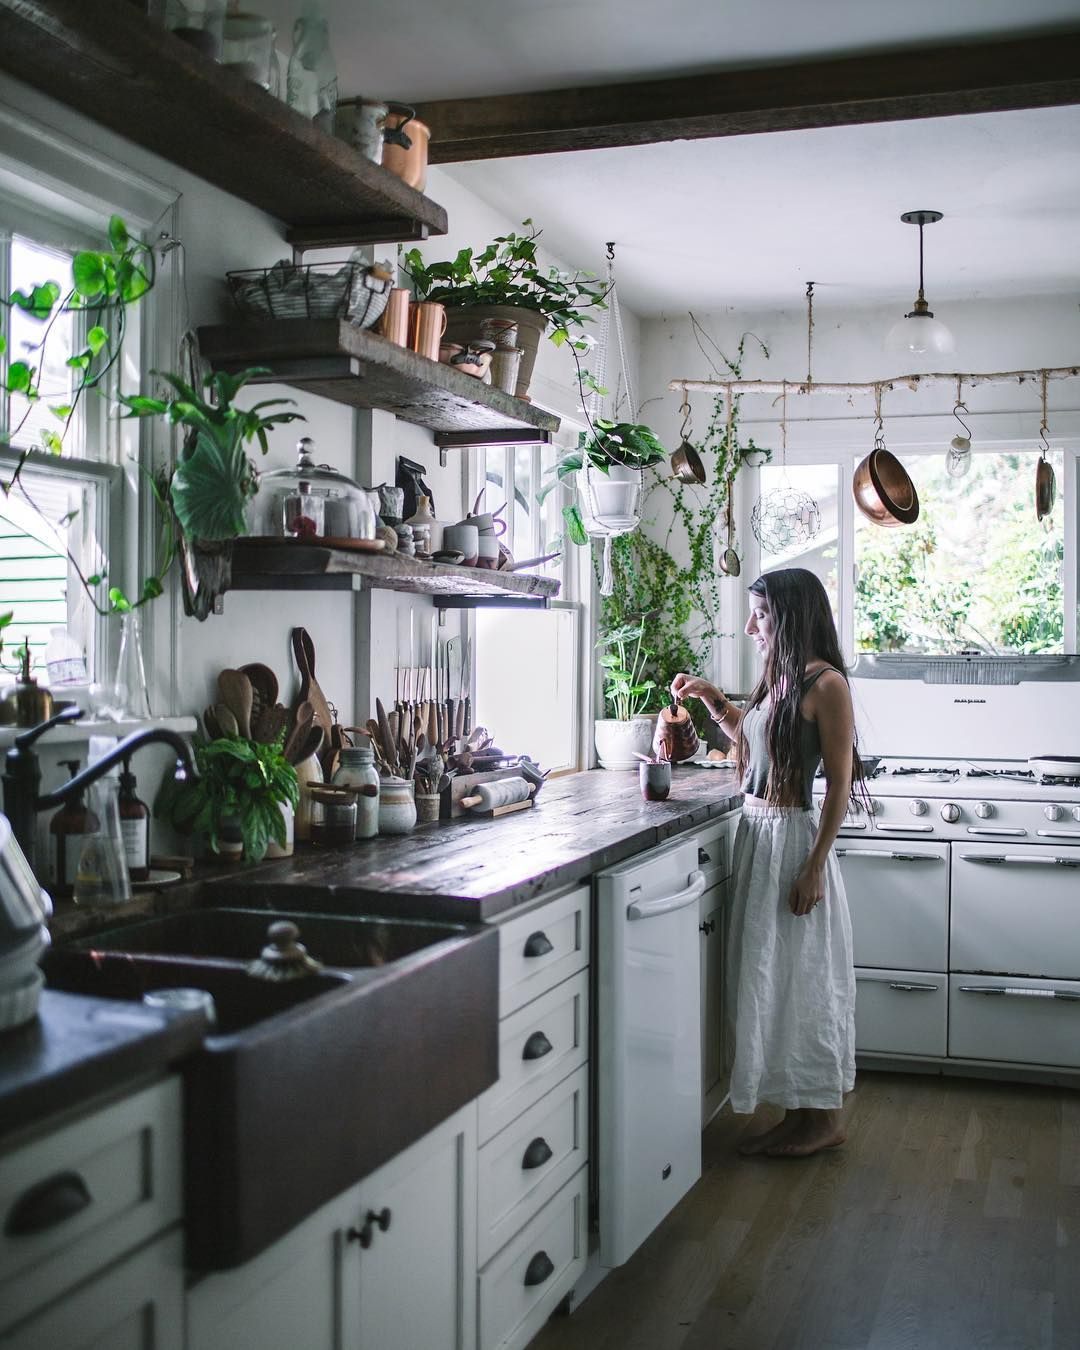 Cuisine Moderne Avec Ilot Central Pour Manger ~  Pingl Par Sol Ana Sur Deco Pinterest Cuisines Blanc Cass